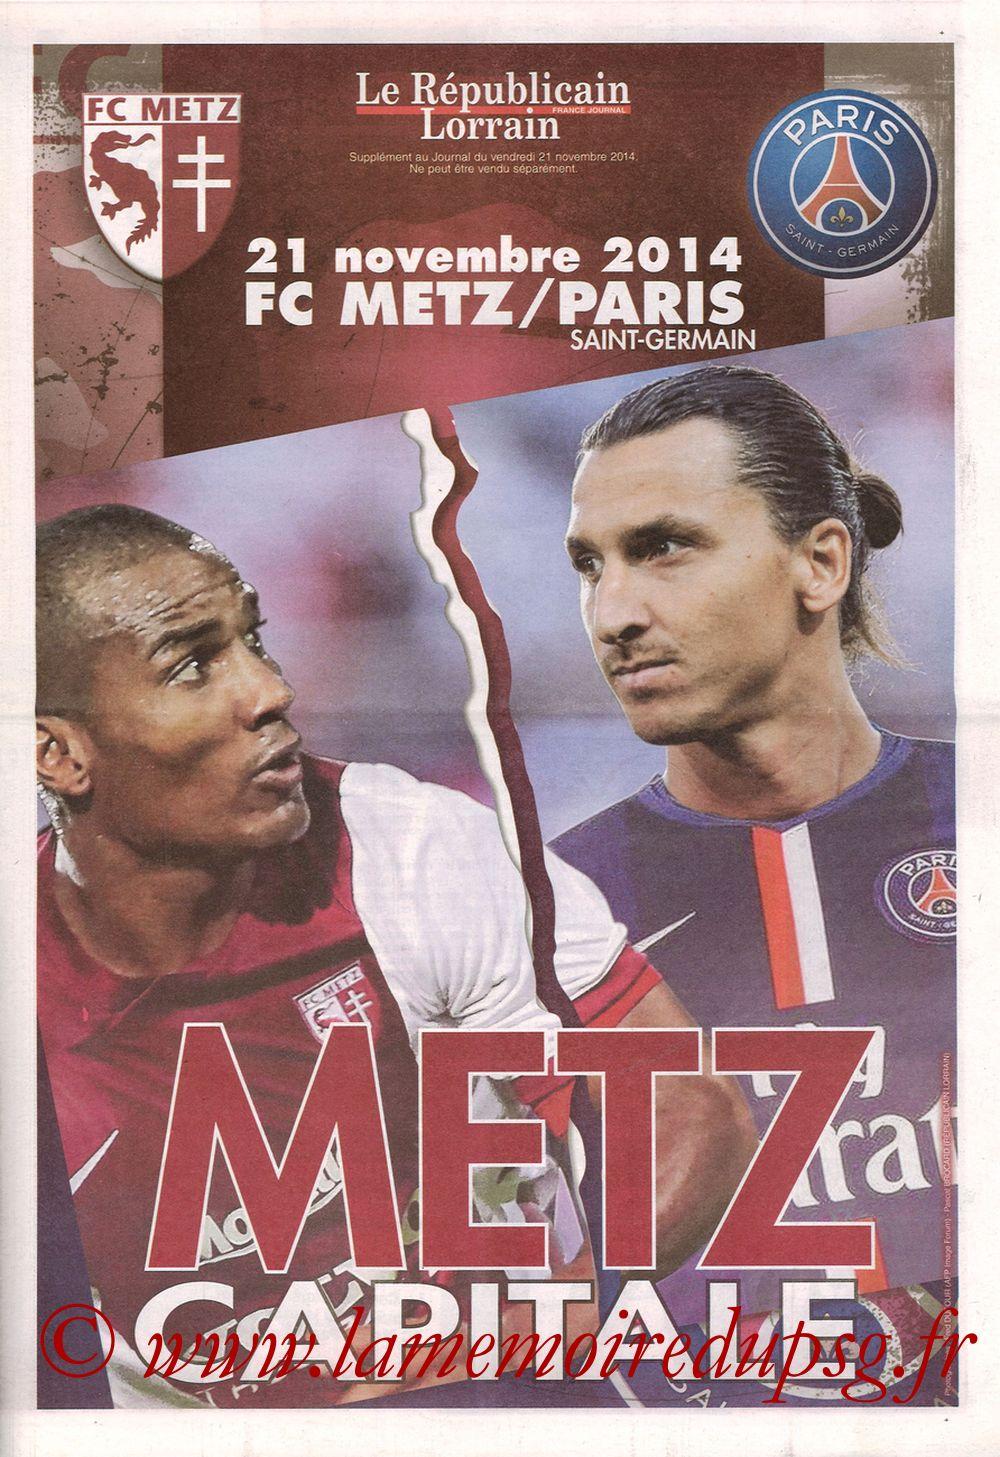 2014-11-21  Metz-PSG (16ème L1, Le Républicain Lorrain)